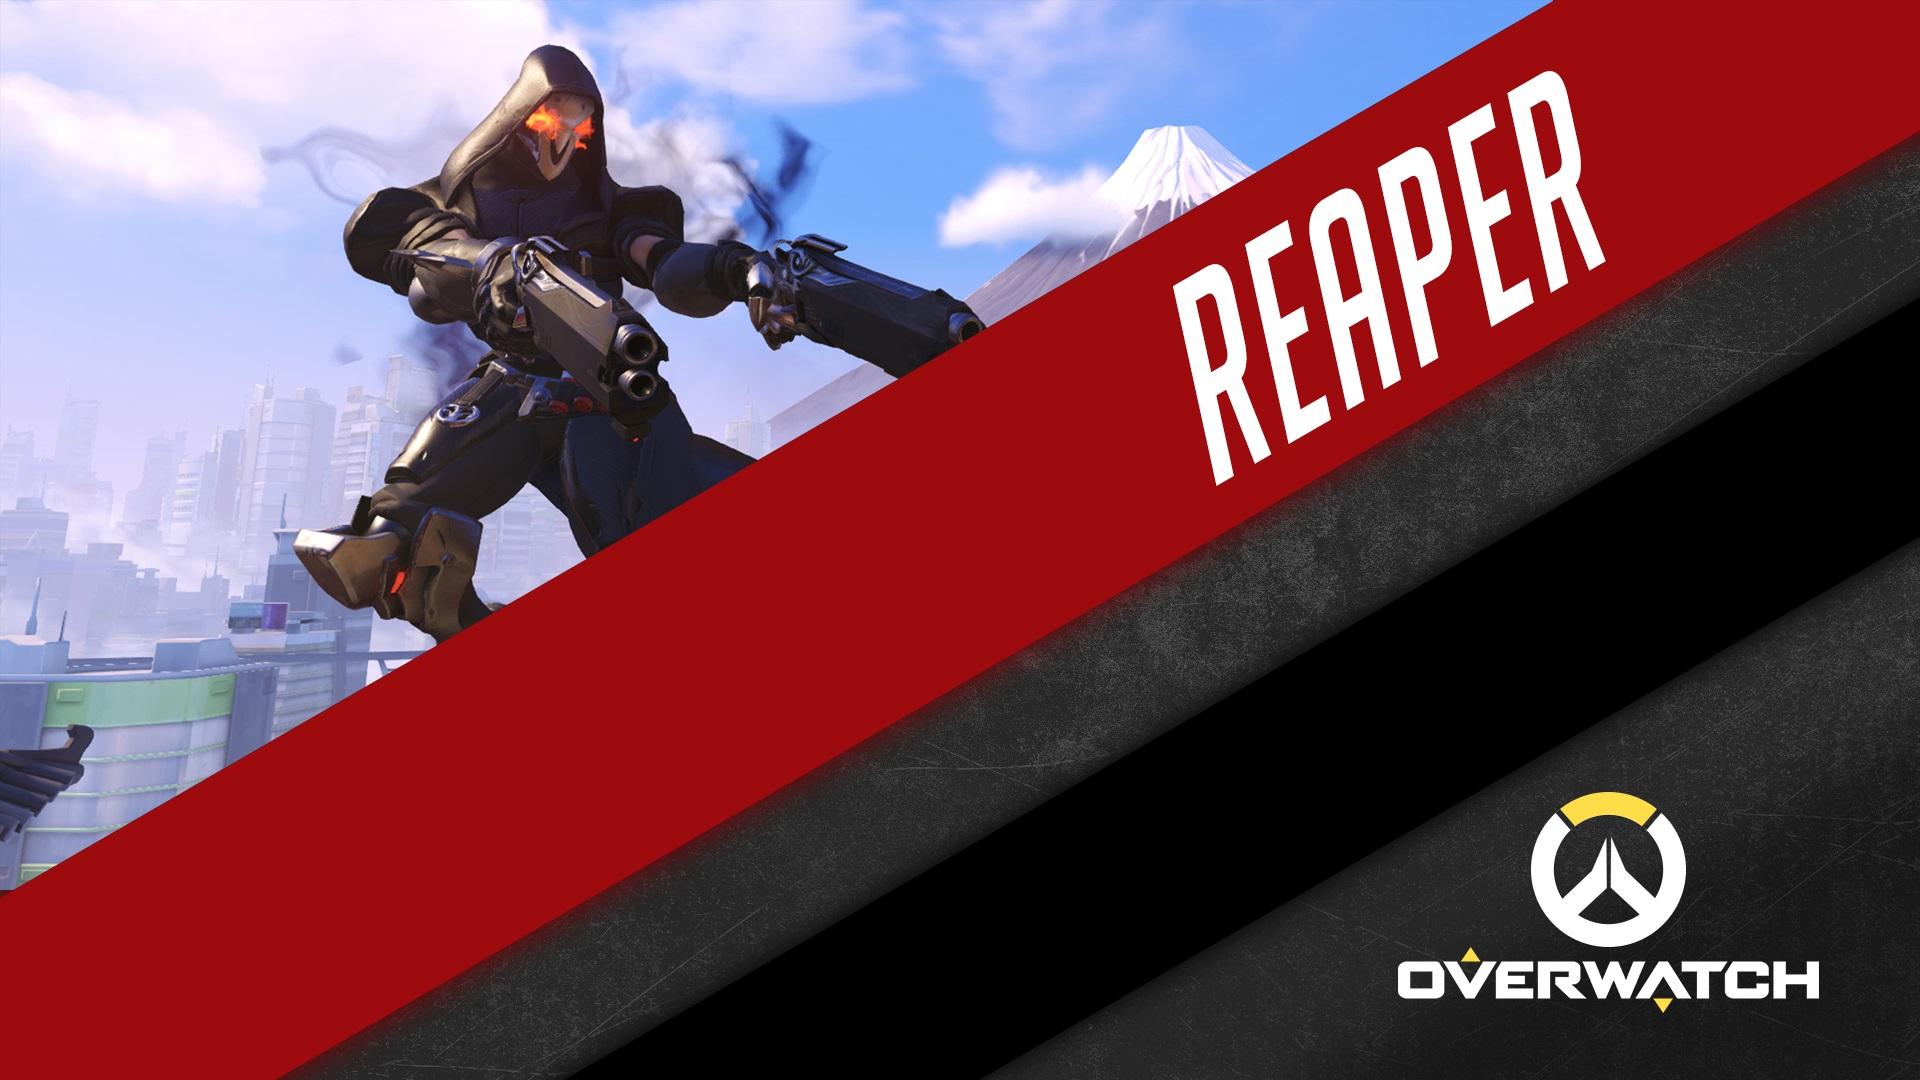 Overwatch wallpaper 9